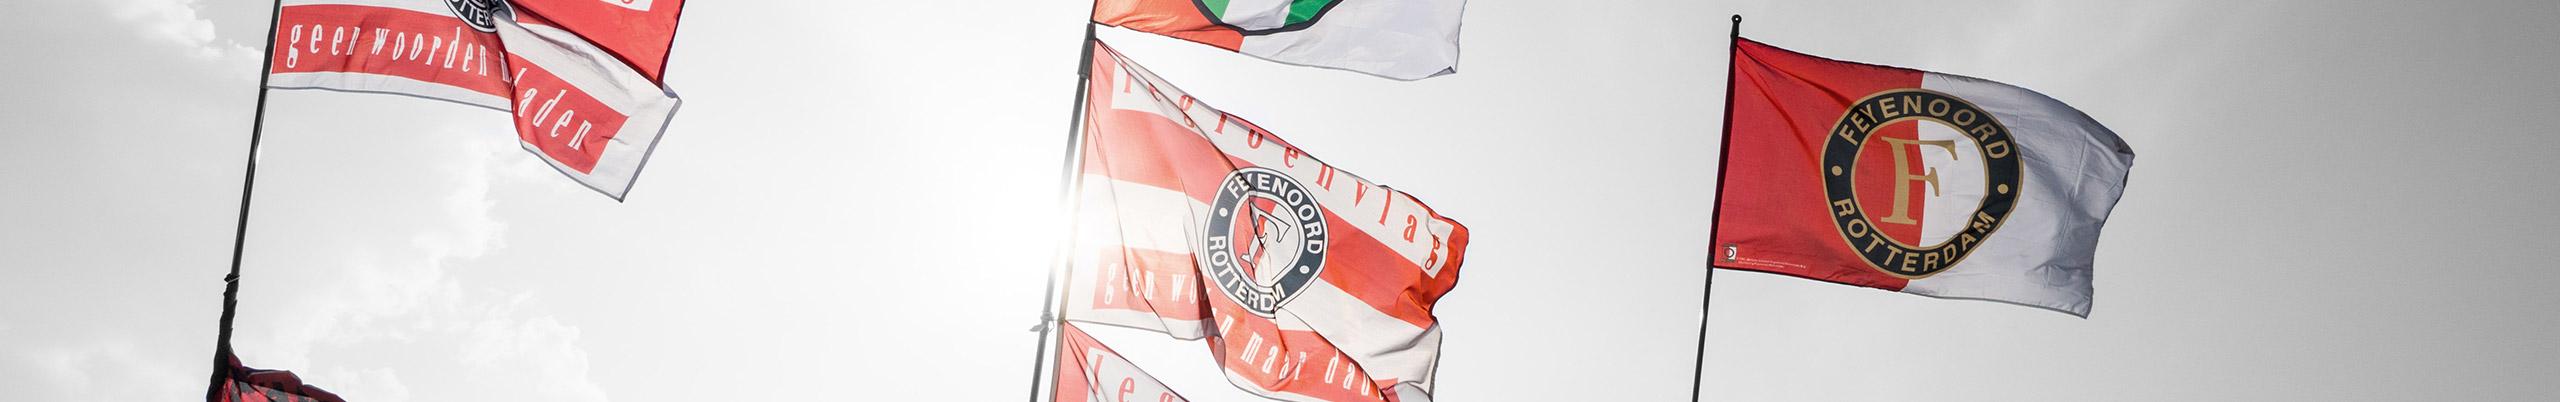 Feyenoord Bekerkampioen 2018 foto